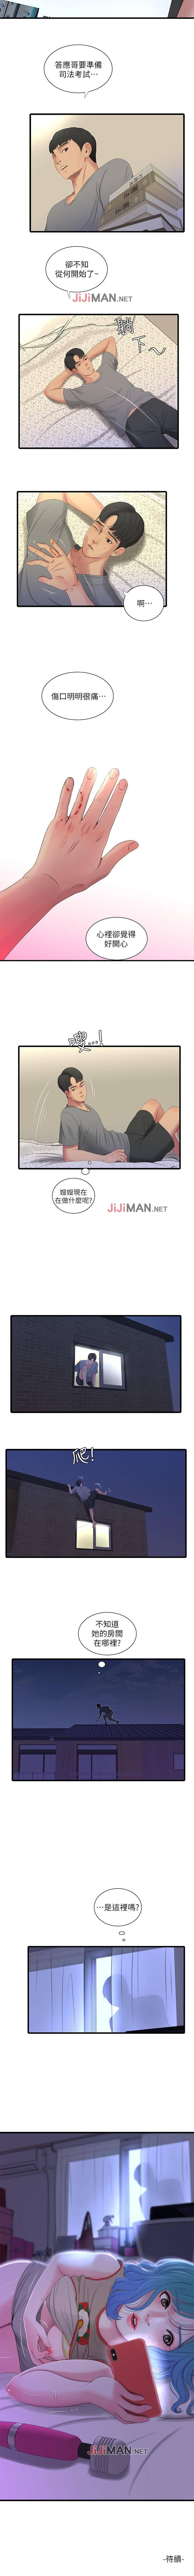 【周四连载】亲家四姐妹(作者:愛摸) 第1~27话 82